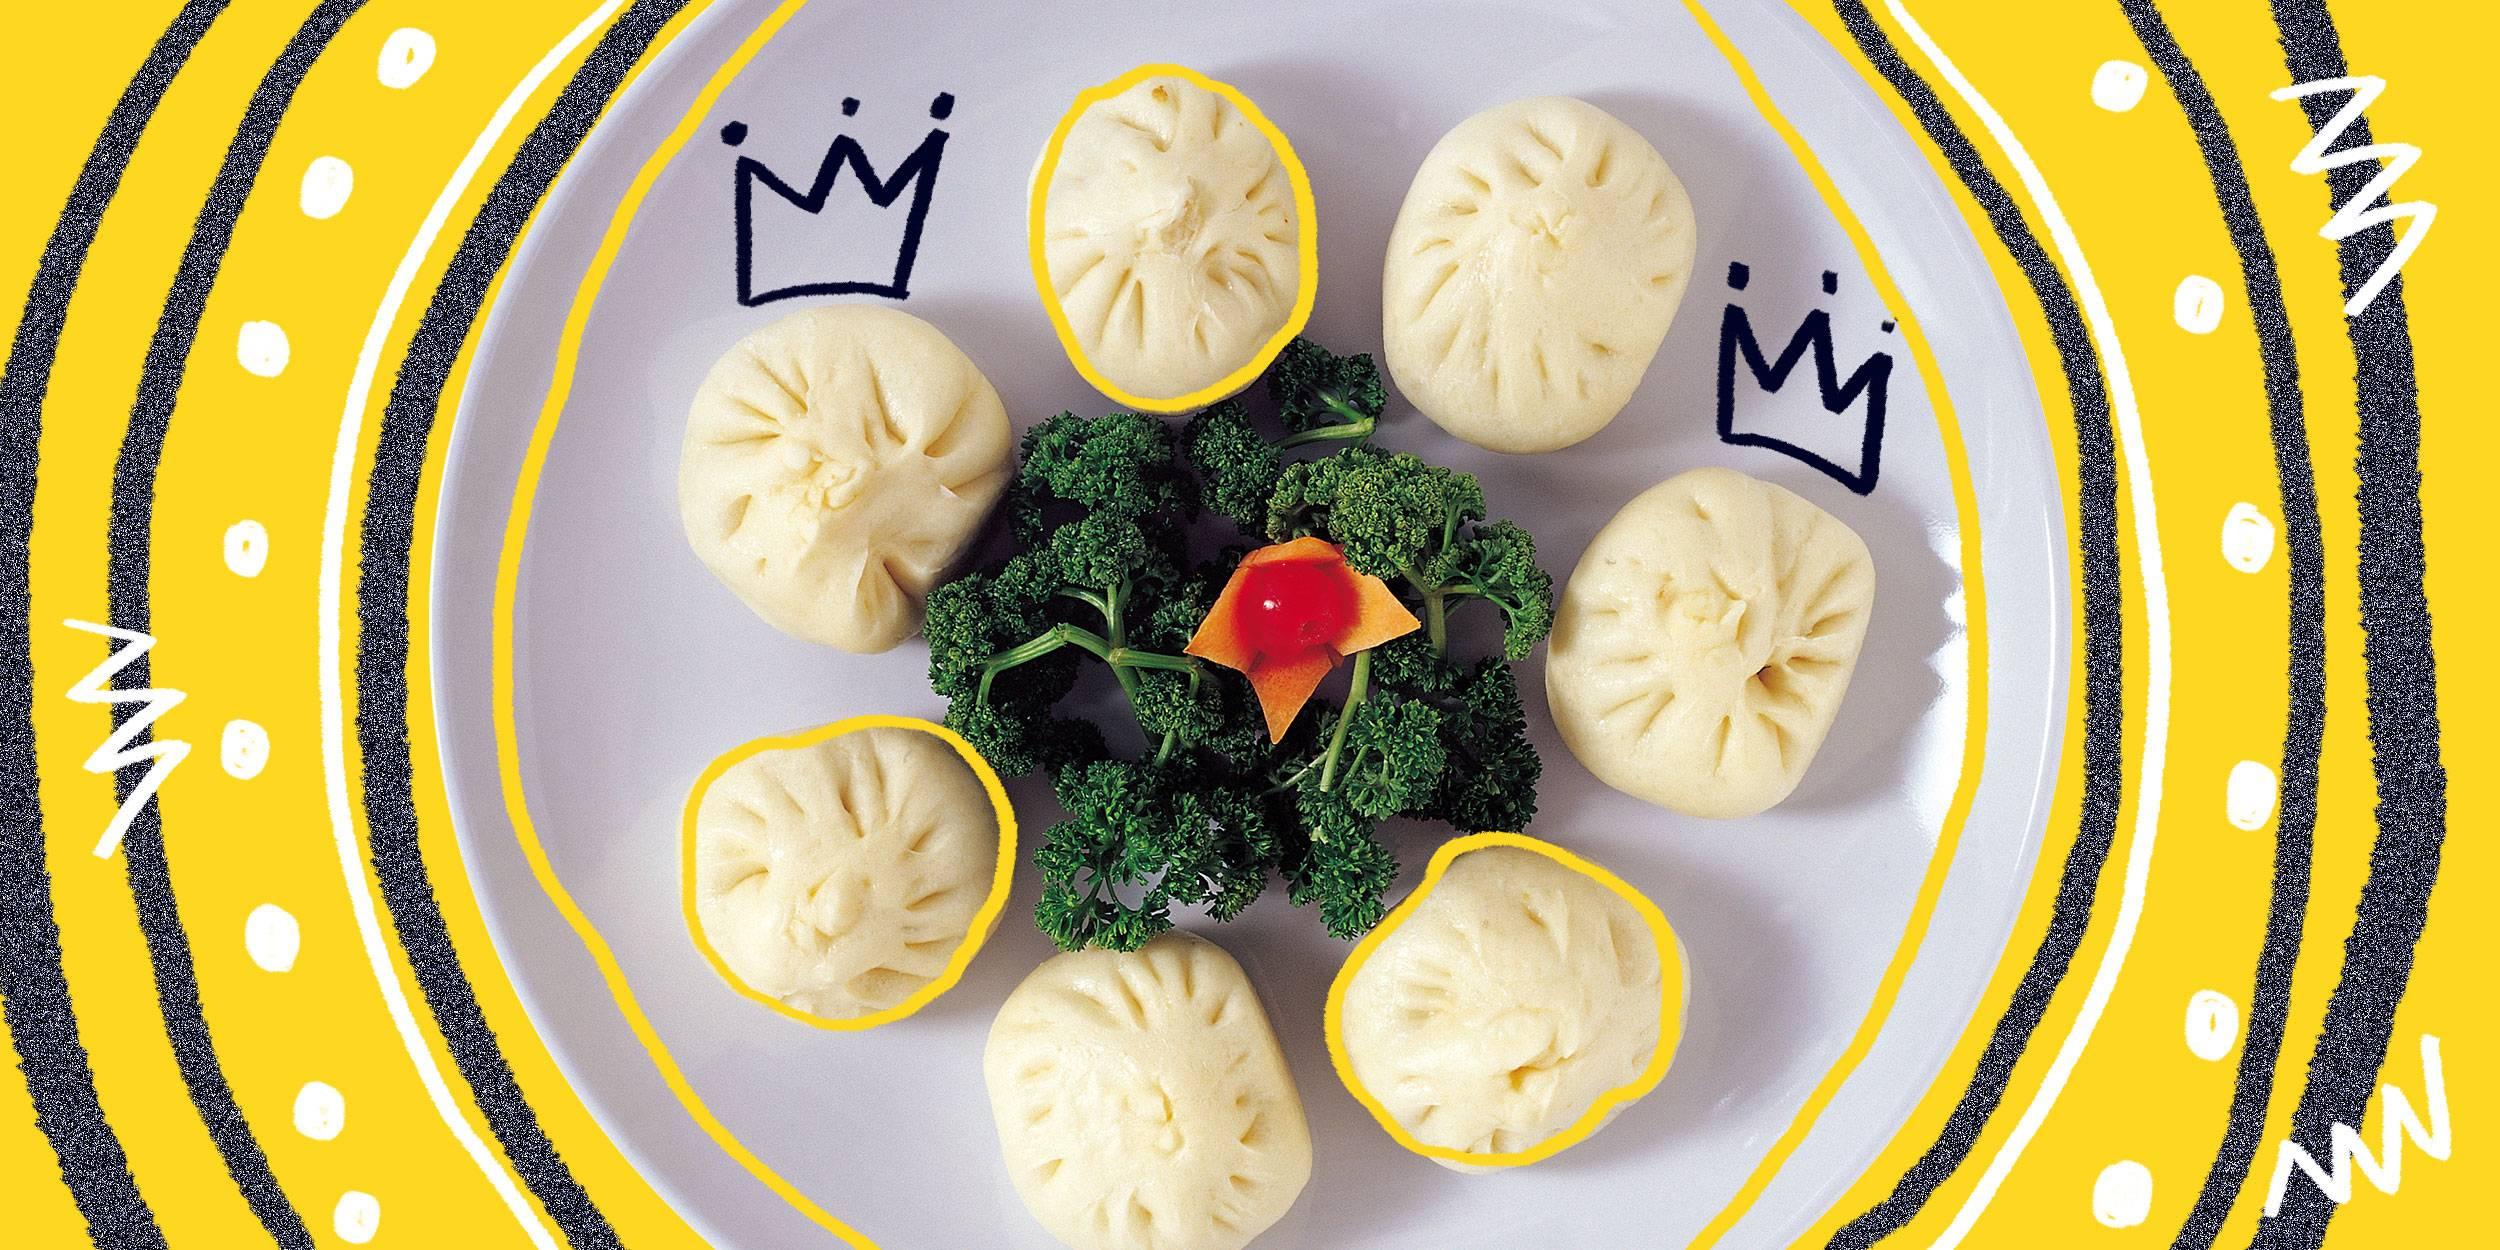 Соусы для пельменей в домашних условиях : рецепты - вся палитра вкусов - onwomen.ru